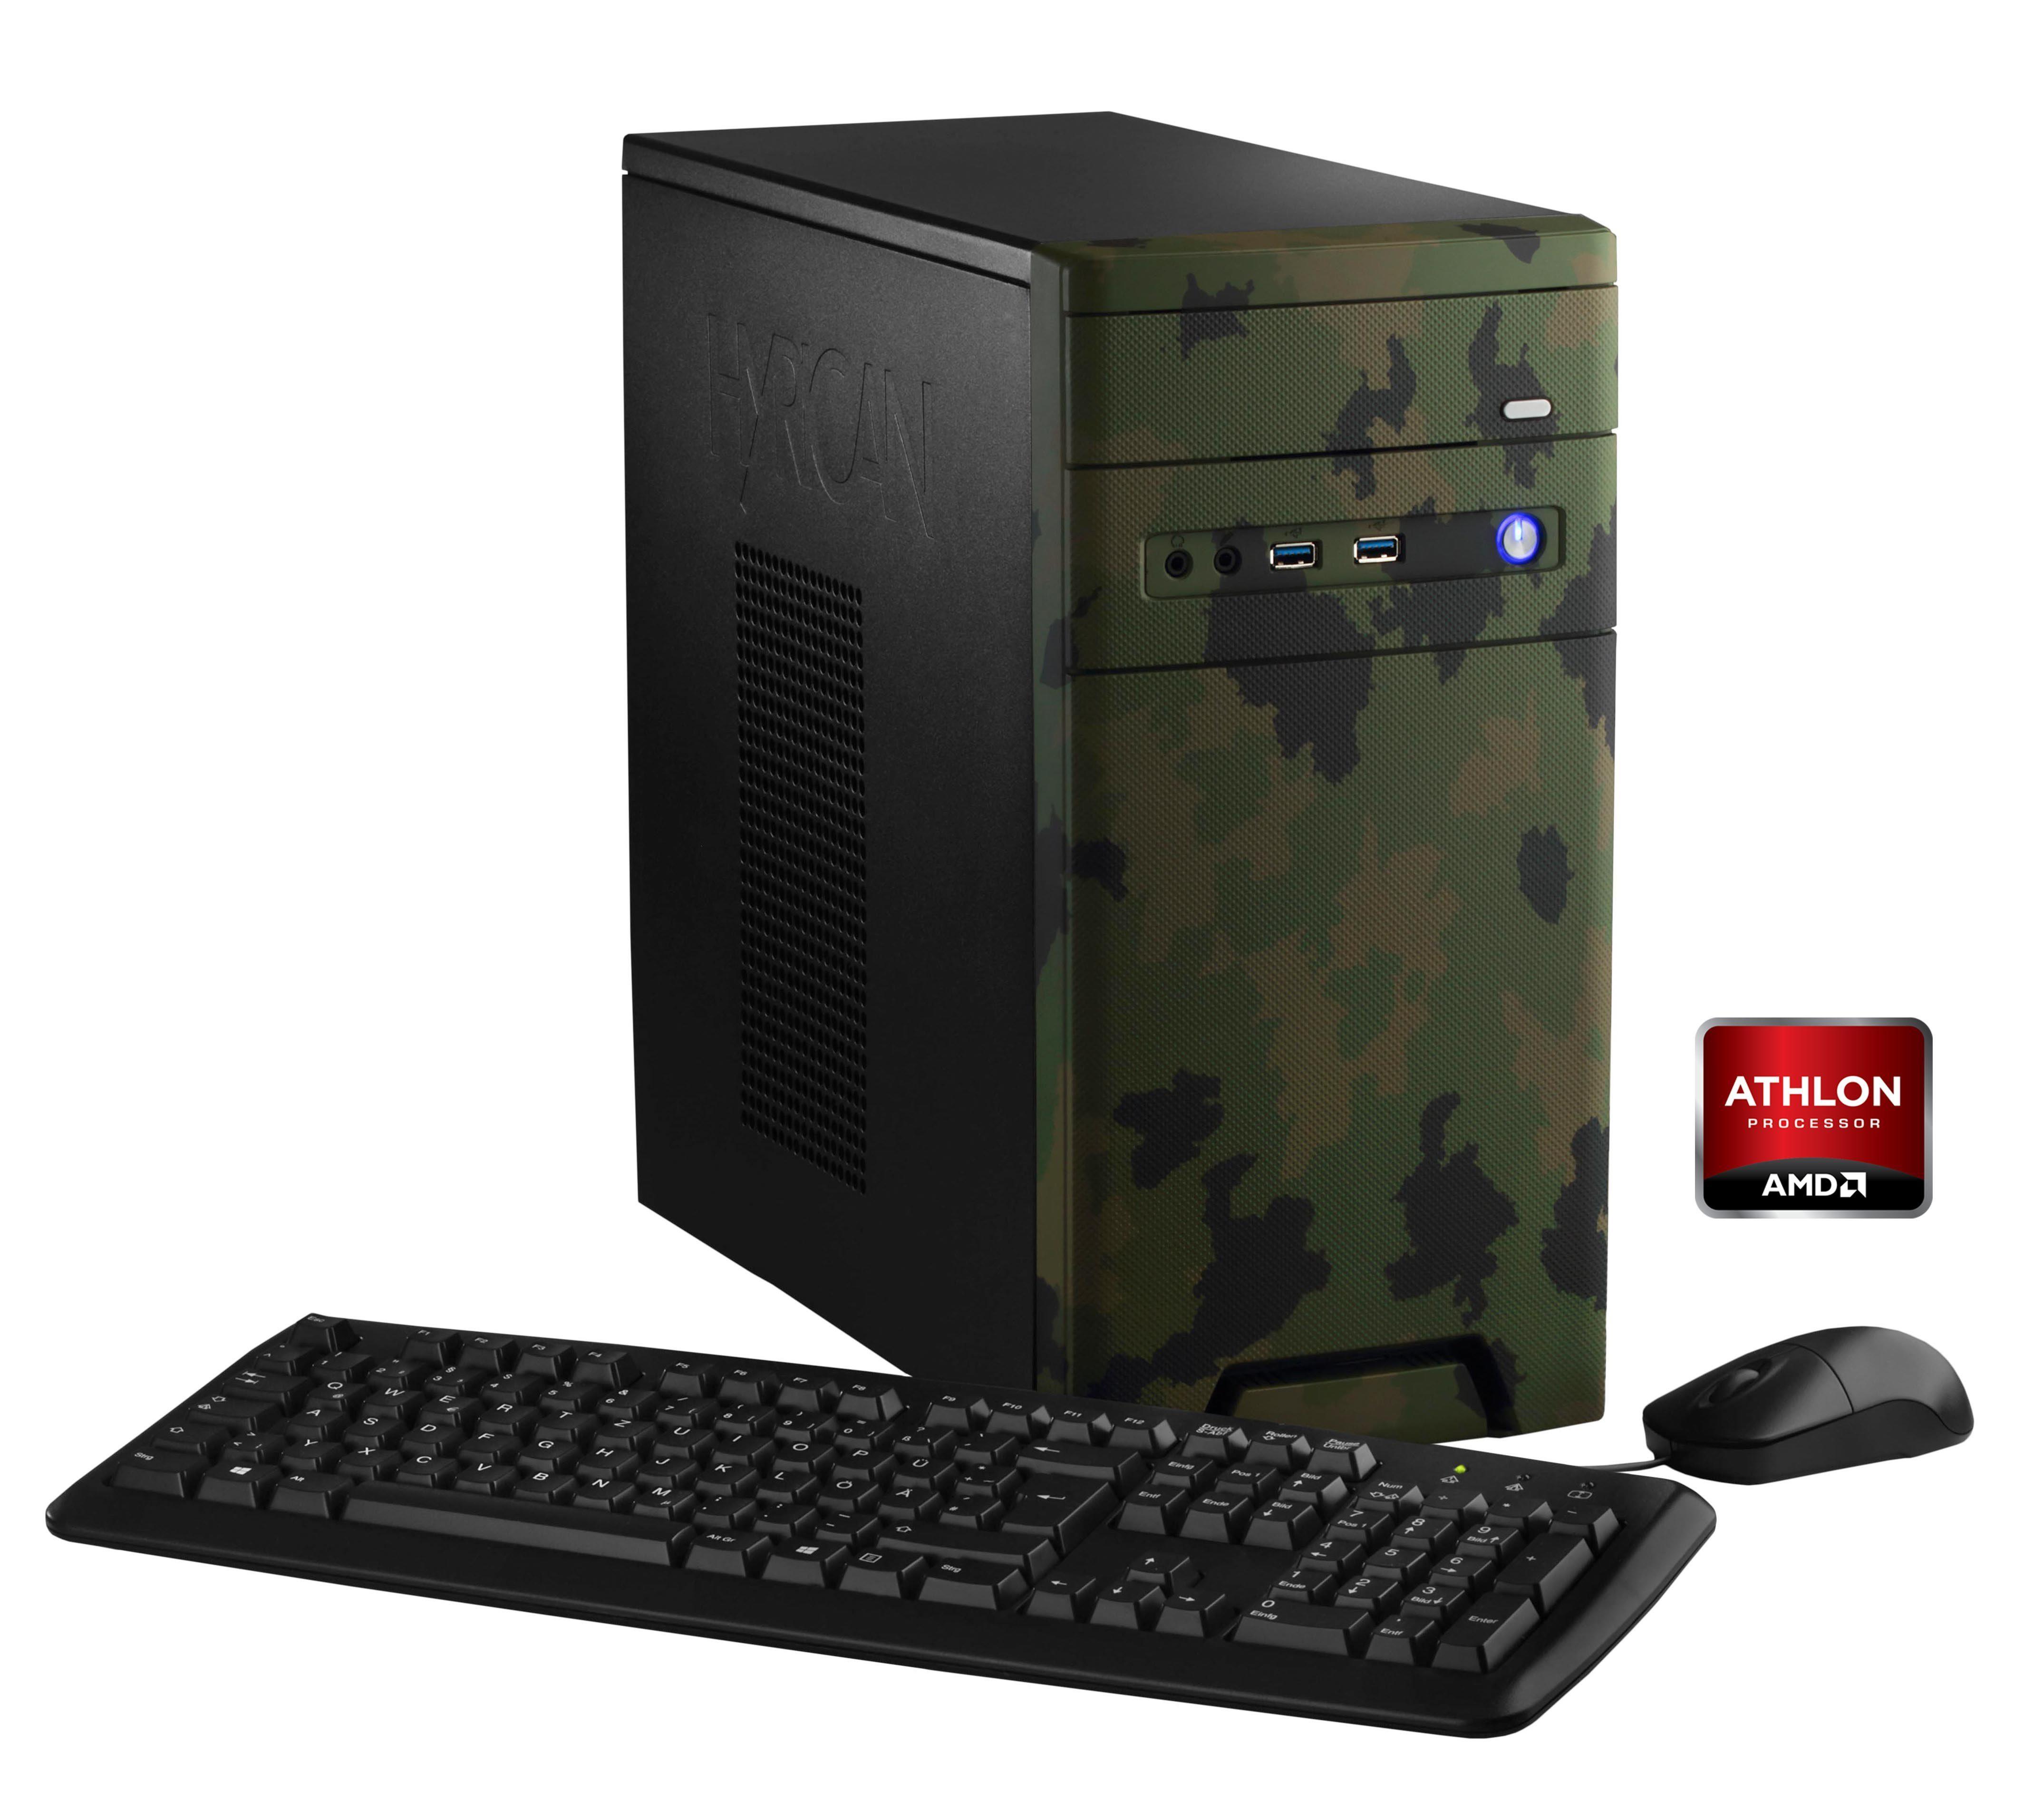 Hyrican PC AMD Athlon X4 860K, 8GB, 1TB, Geforce™ GTX 1050 »CyberGamer forest 5354 «